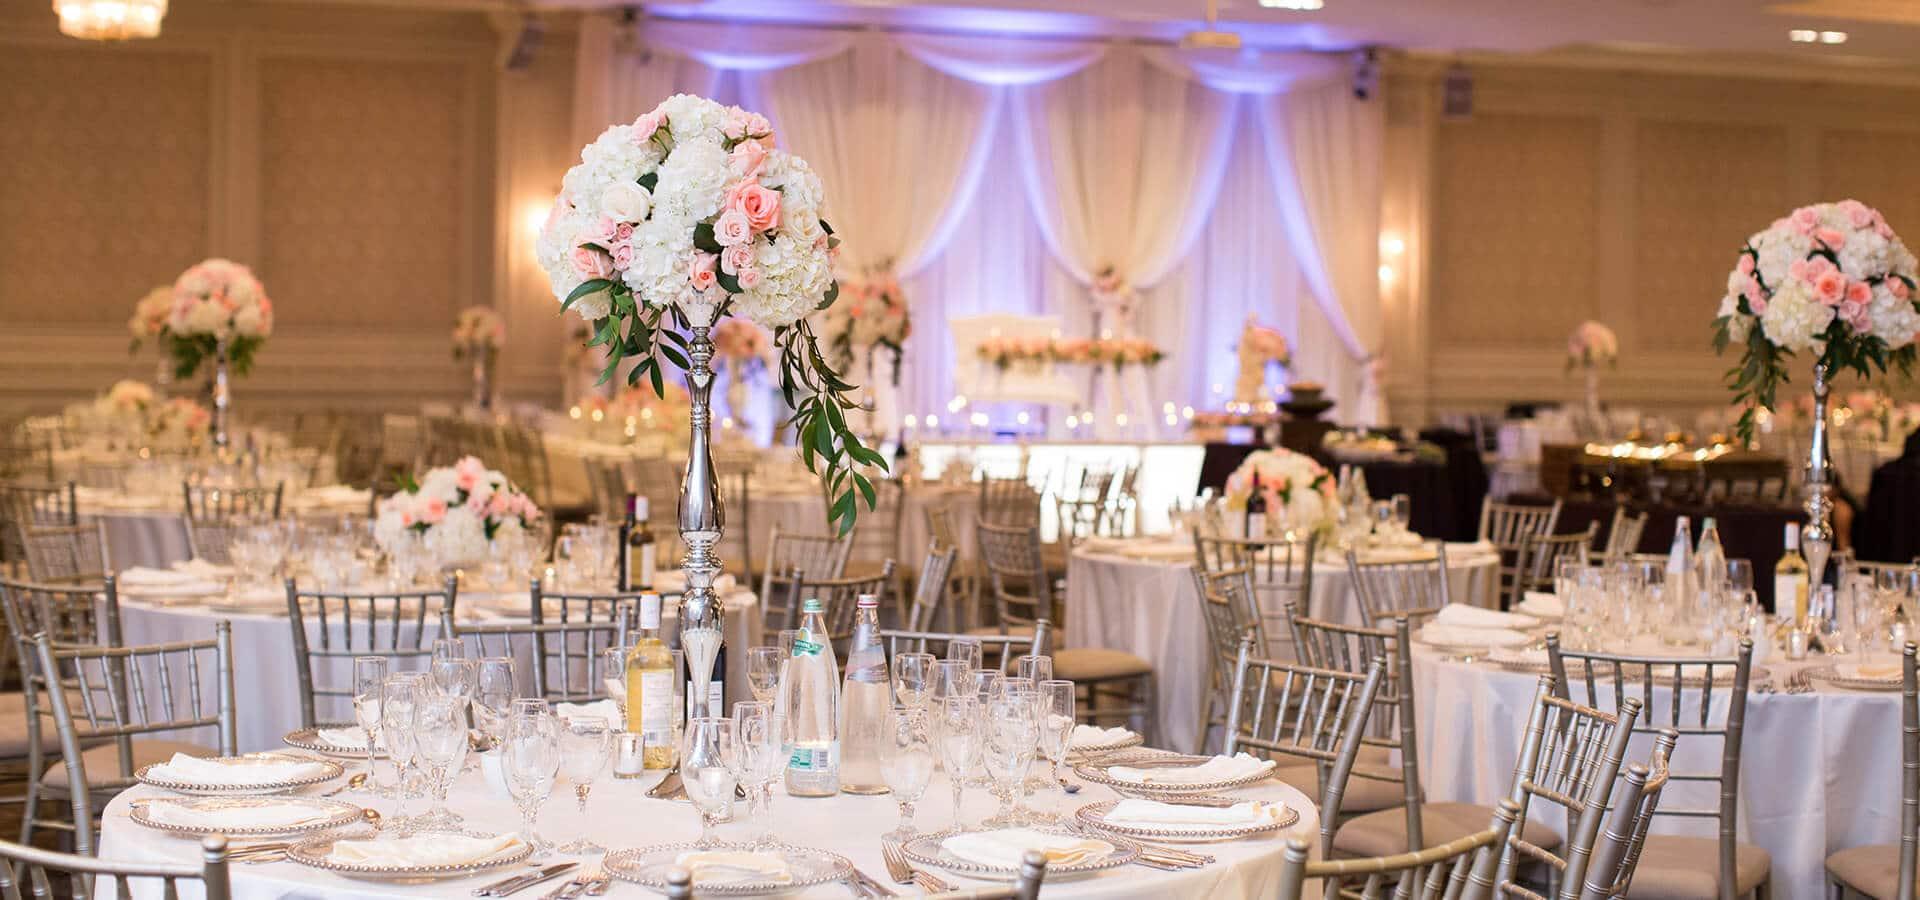 Hero image for Nadine and Greg's Classically Elegant Wedding at Hazelton Manor